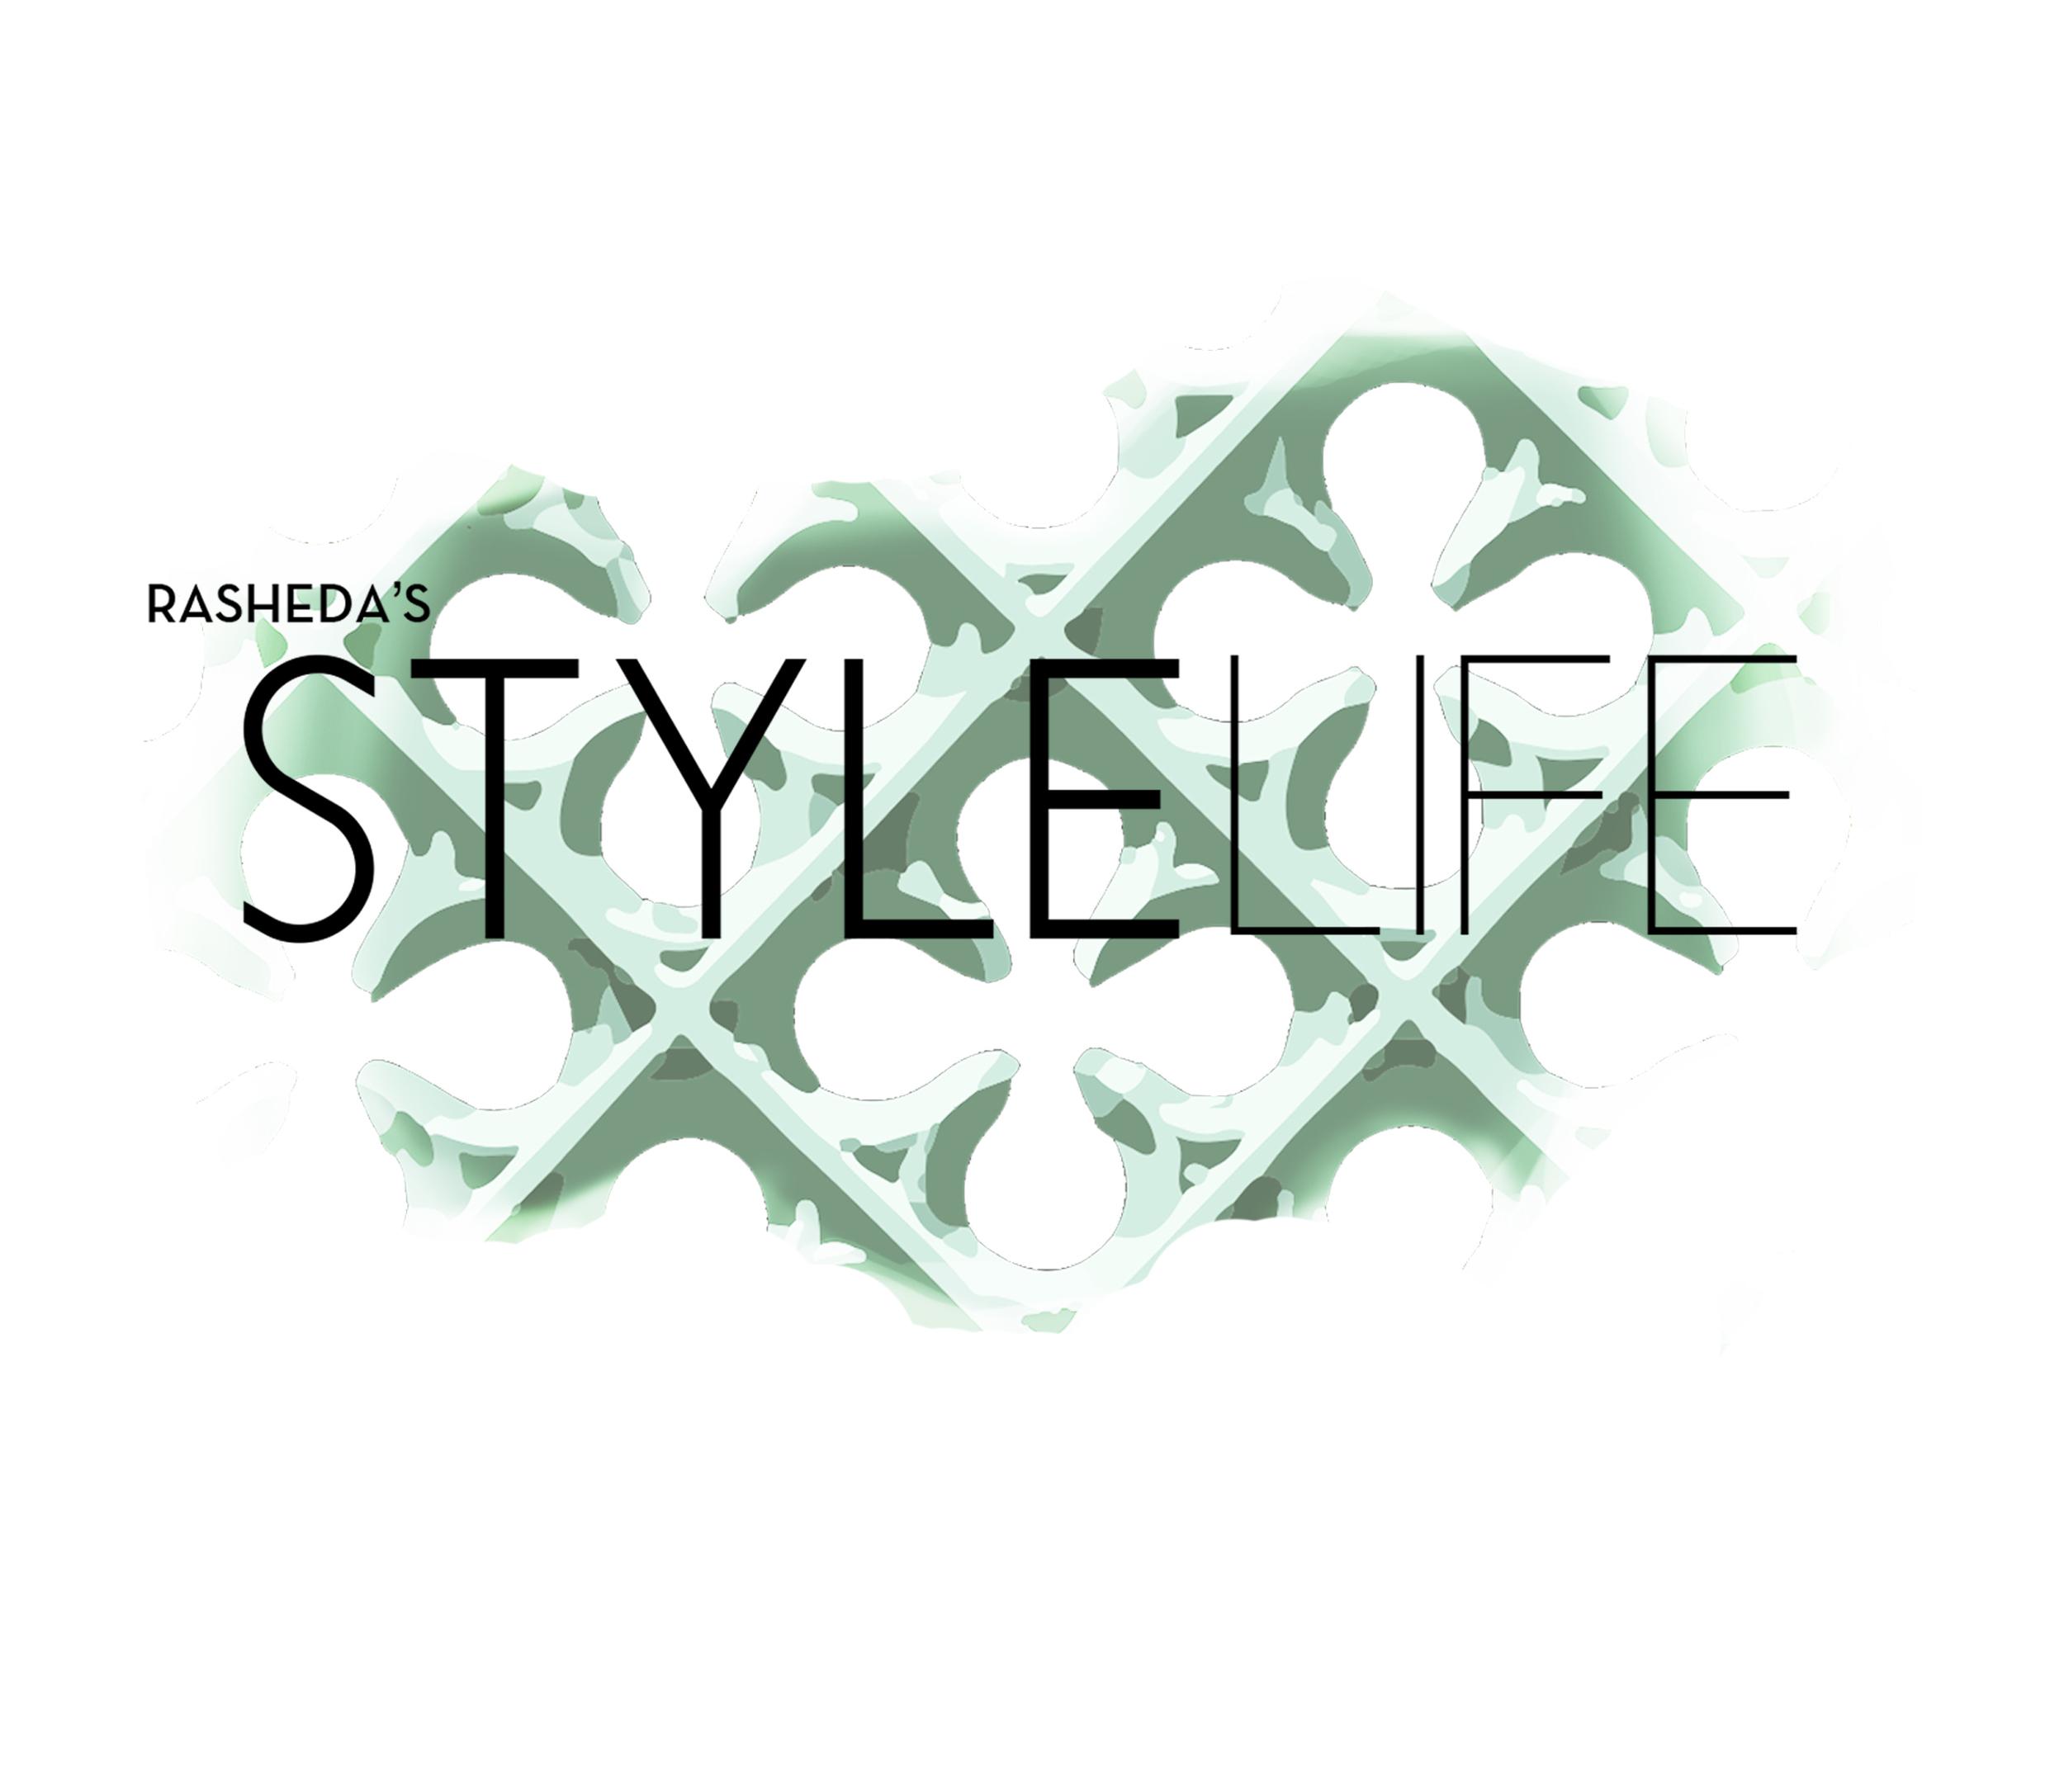 RASHEDA'S STYLE LIFE